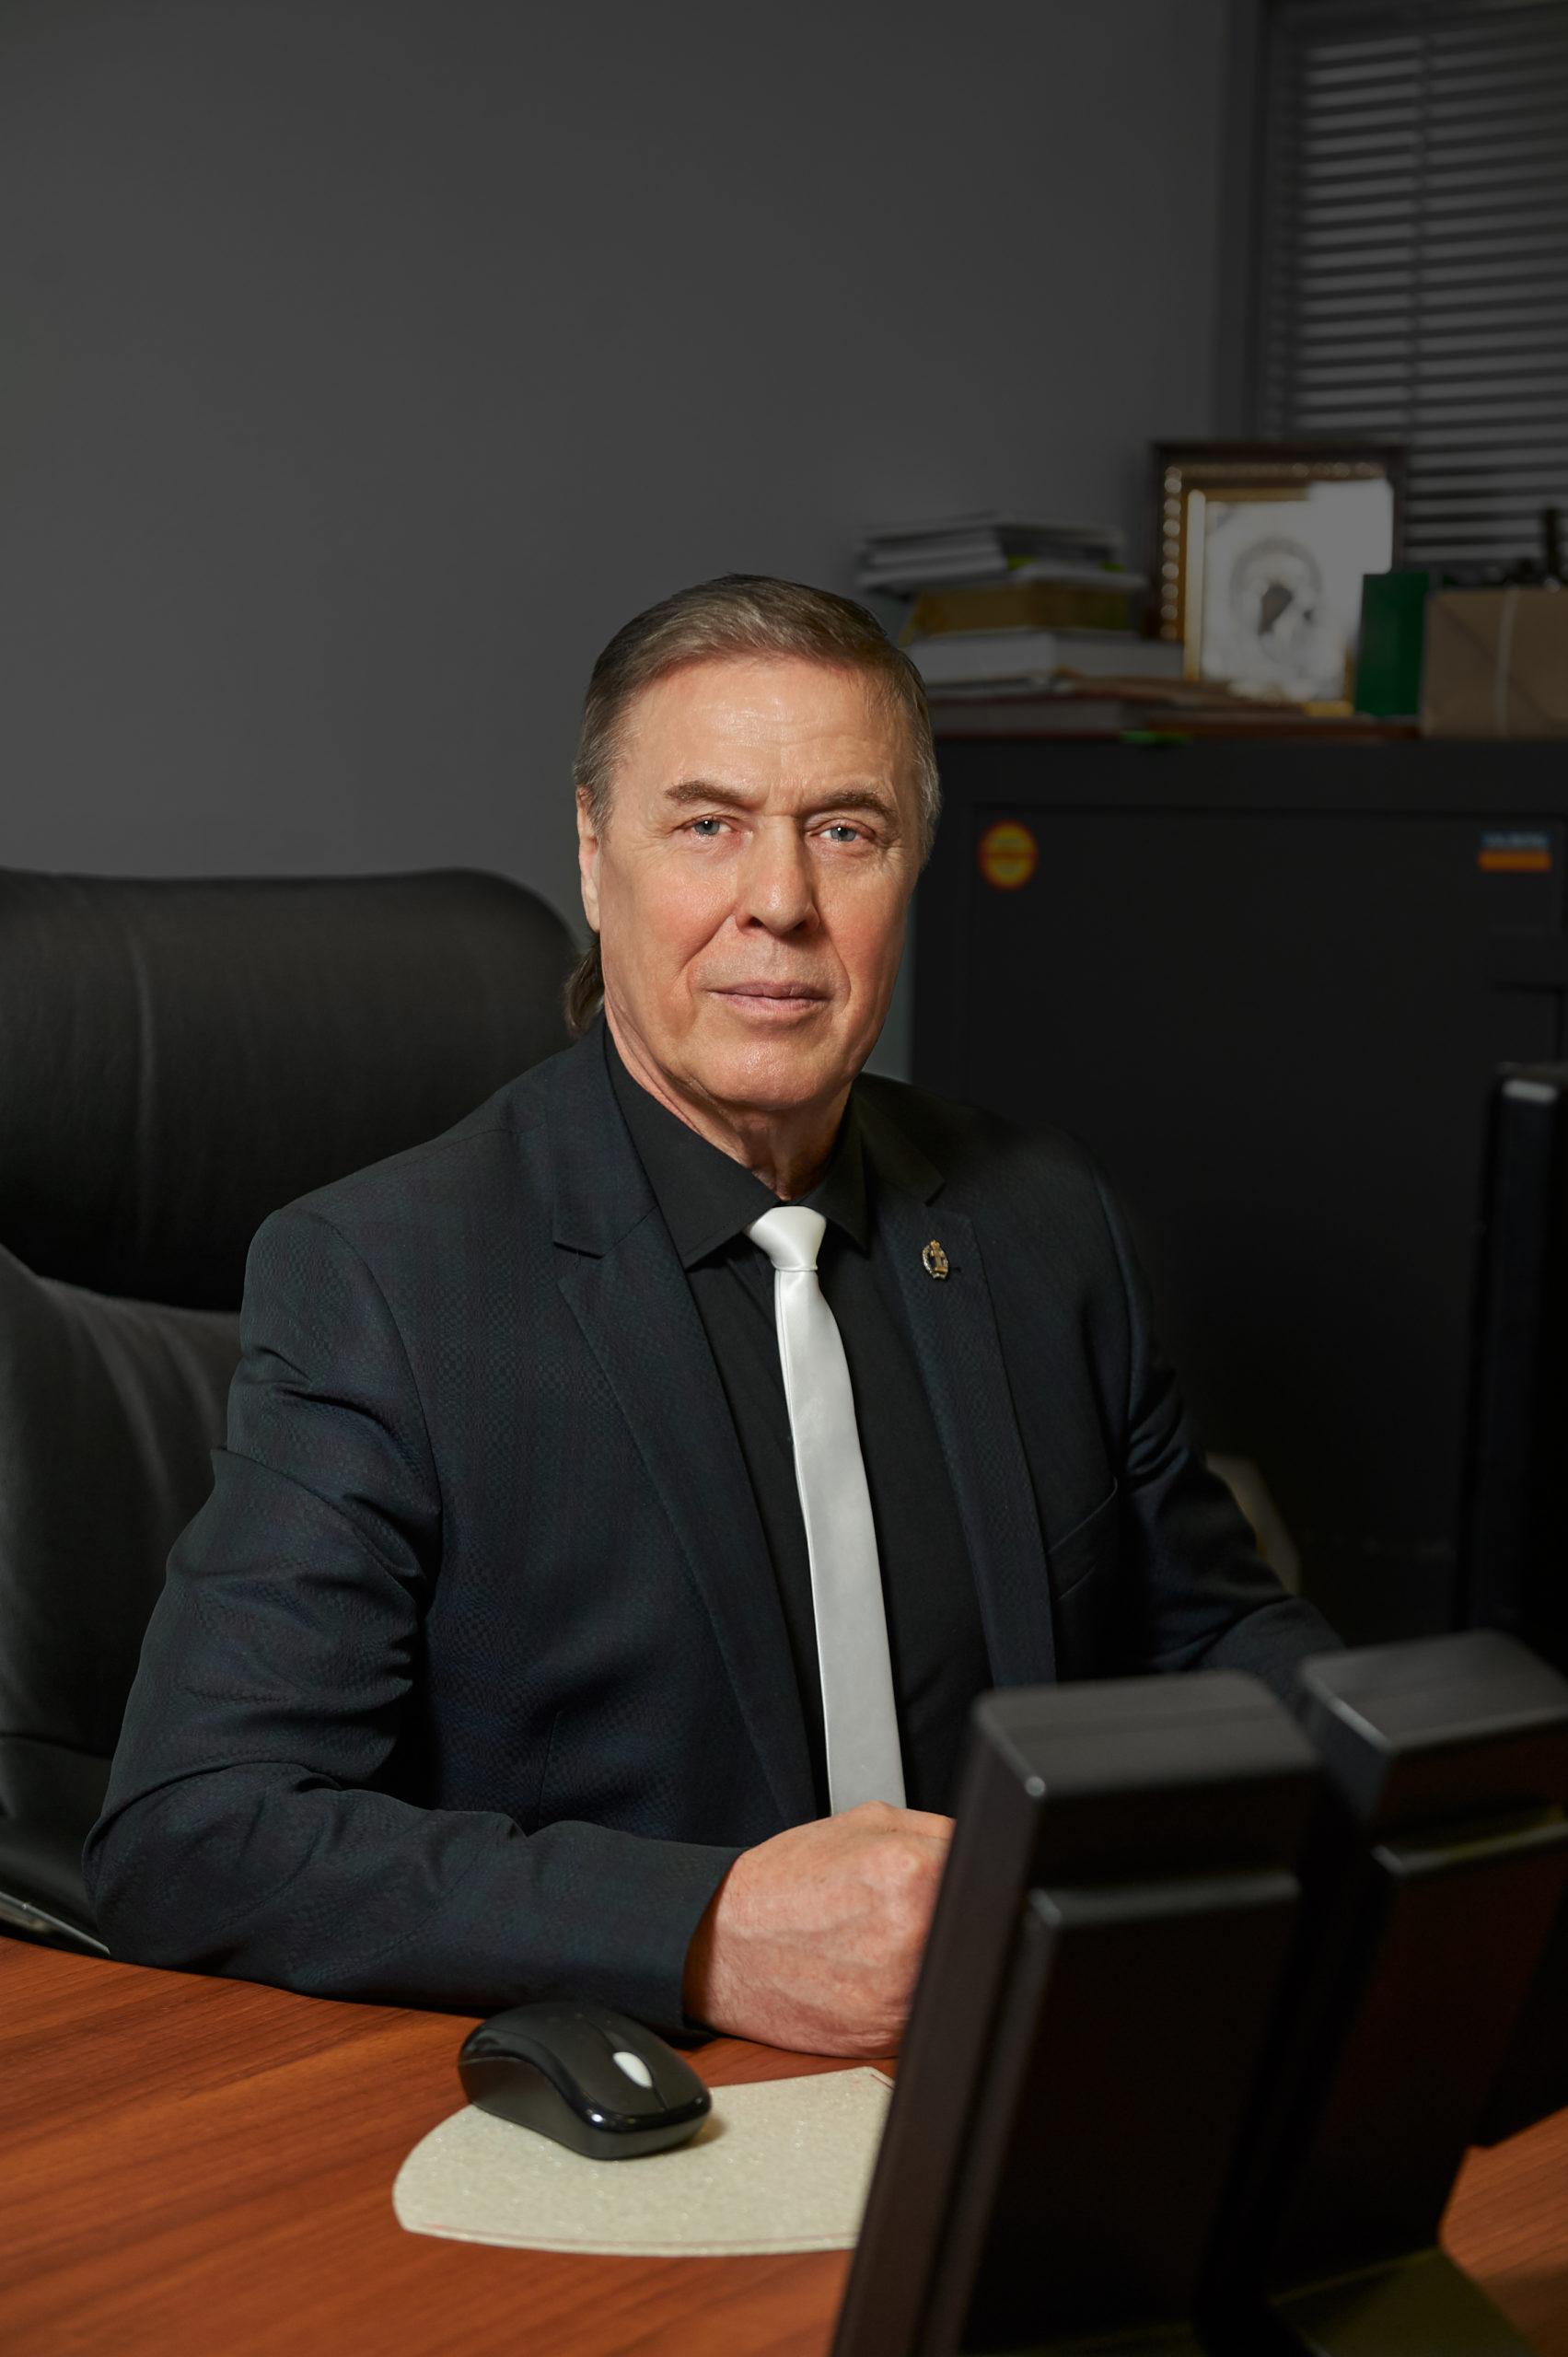 Аксенов Жан Сулейманович. Вице-президент адвокатской палаты Краснодарского края